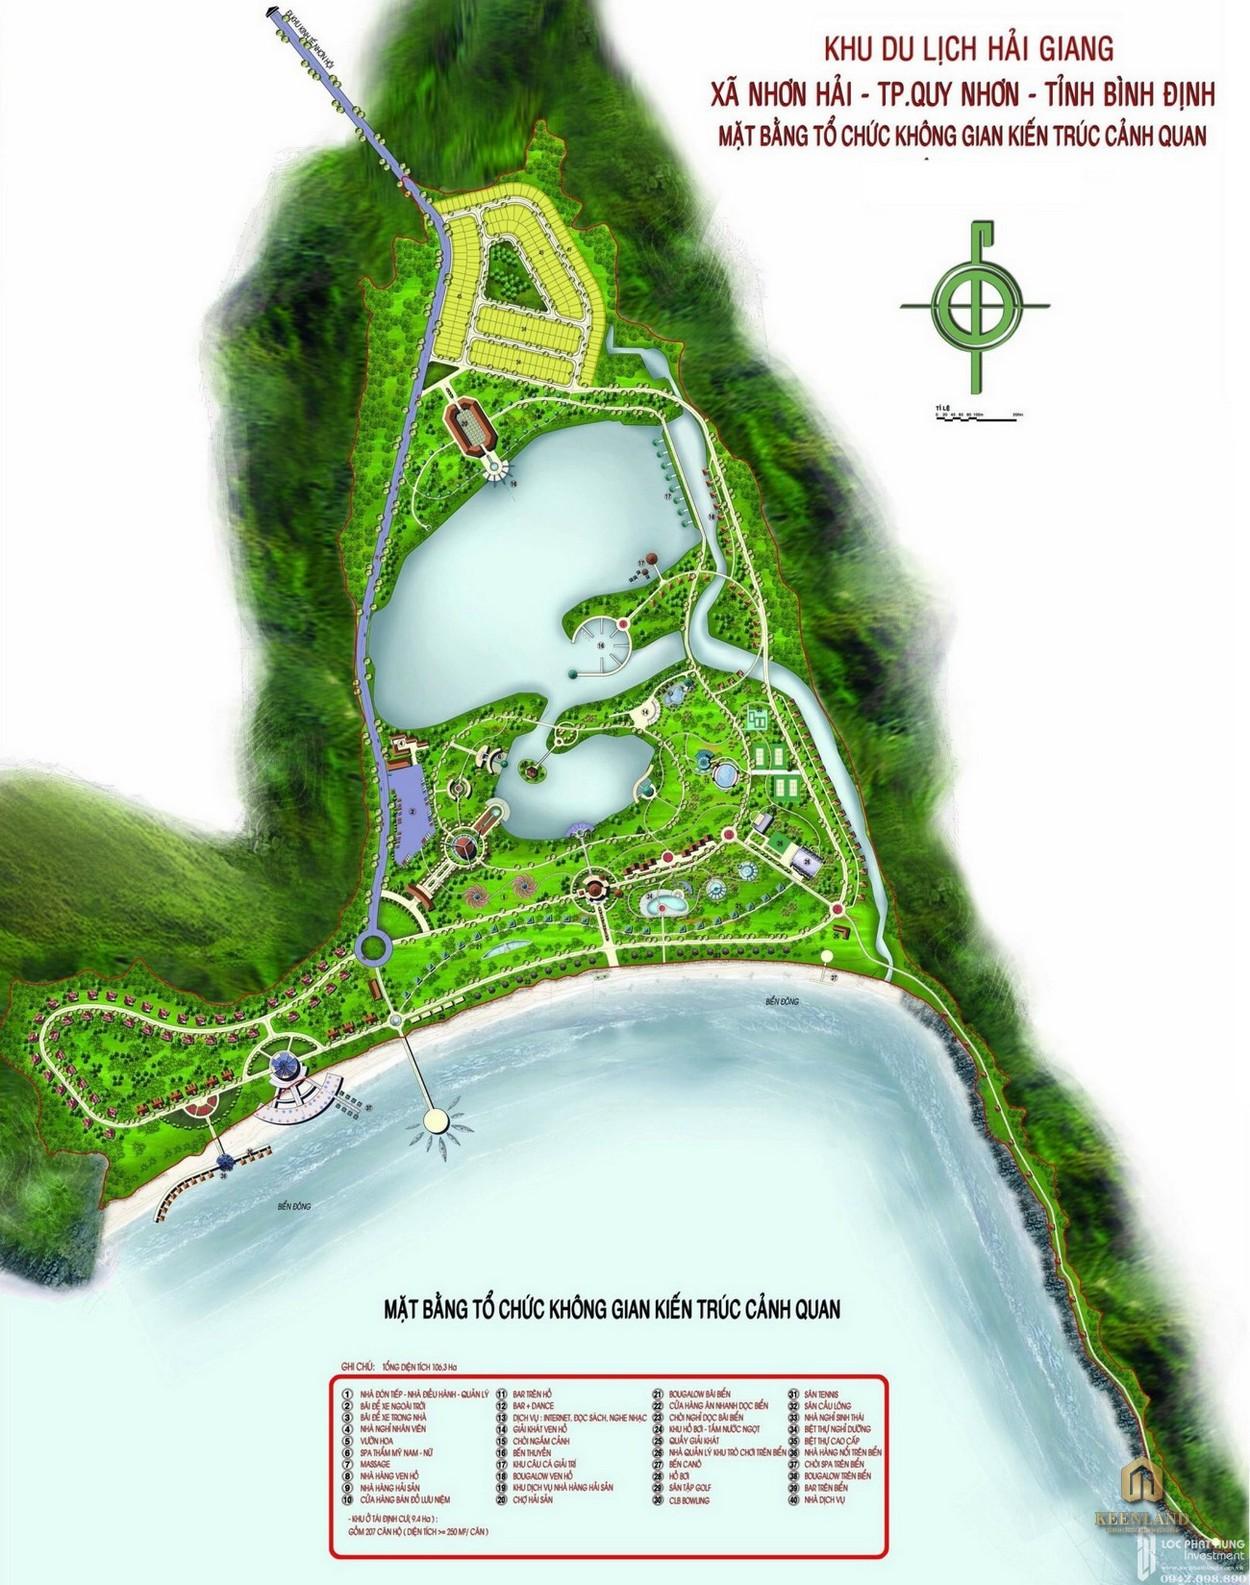 Mặt bằng dự án căn hộ biệt thự Hải Giang Merry Land Quy Nhơn chủ đầu tư Hưng Thịnh